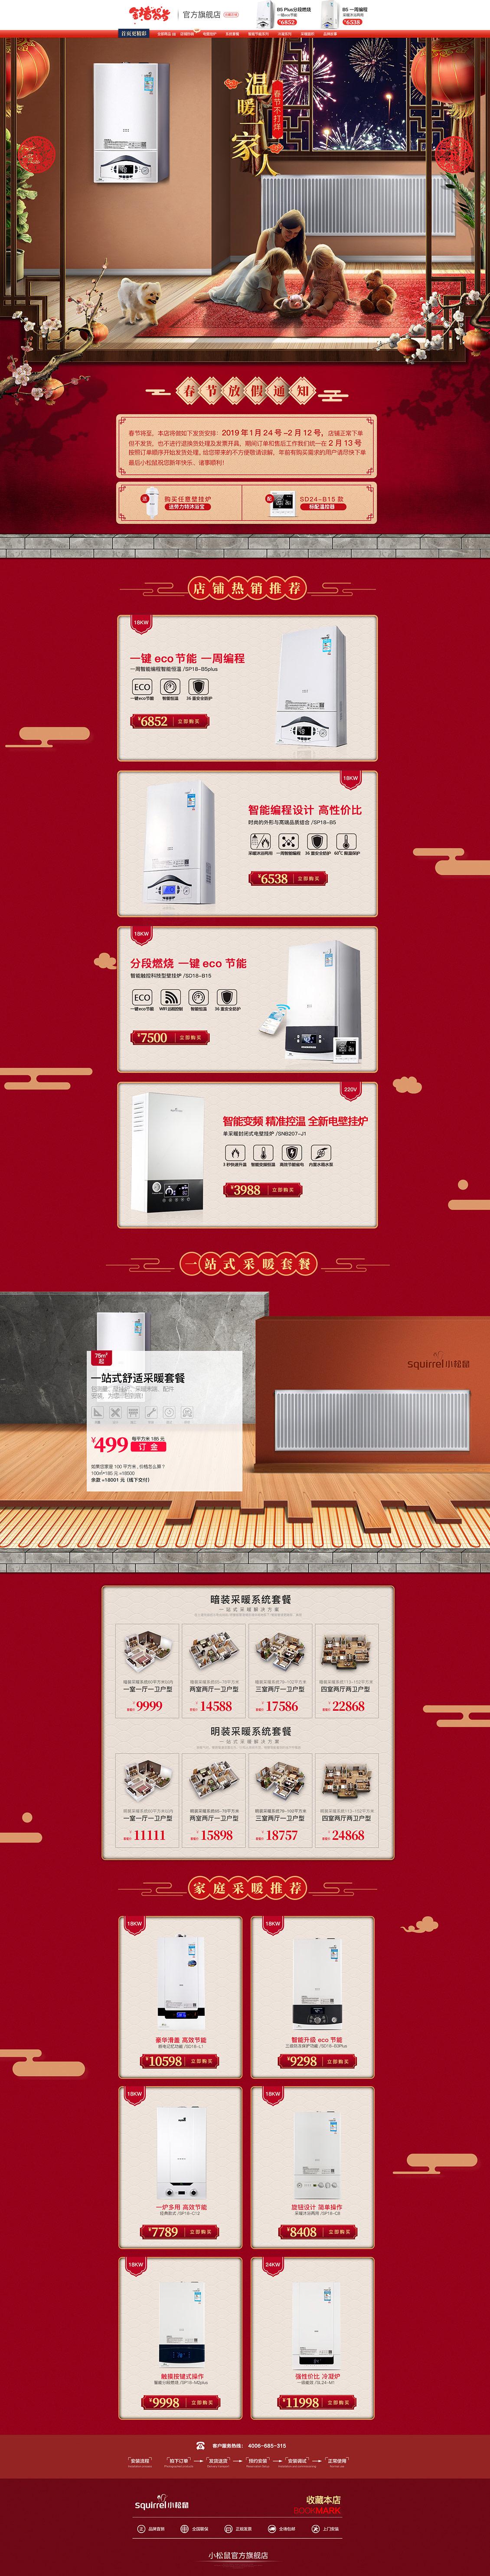 小松鼠电器 家电 3C数码 家用电器 年货节 新年 天猫首页网页设计